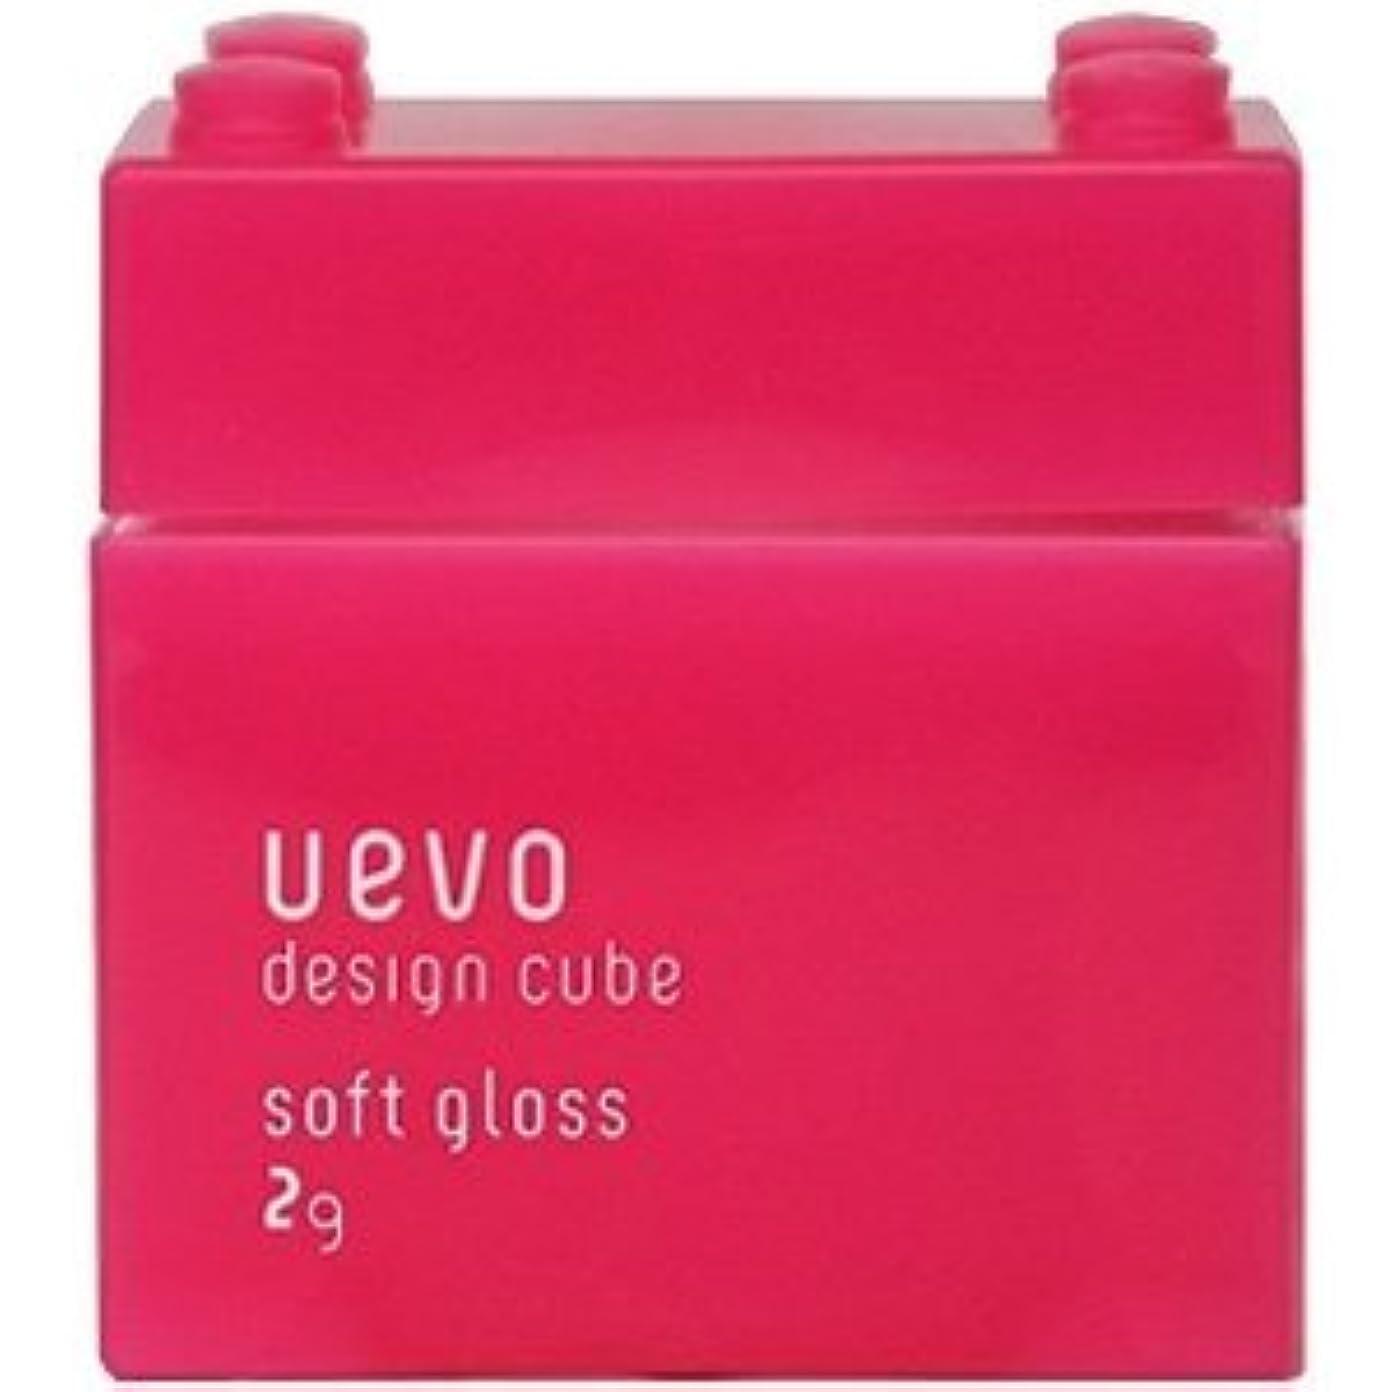 乏しい男らしさ劇的【X2個セット】 デミ ウェーボ デザインキューブ ソフトグロス 80g soft gloss DEMI uevo design cube